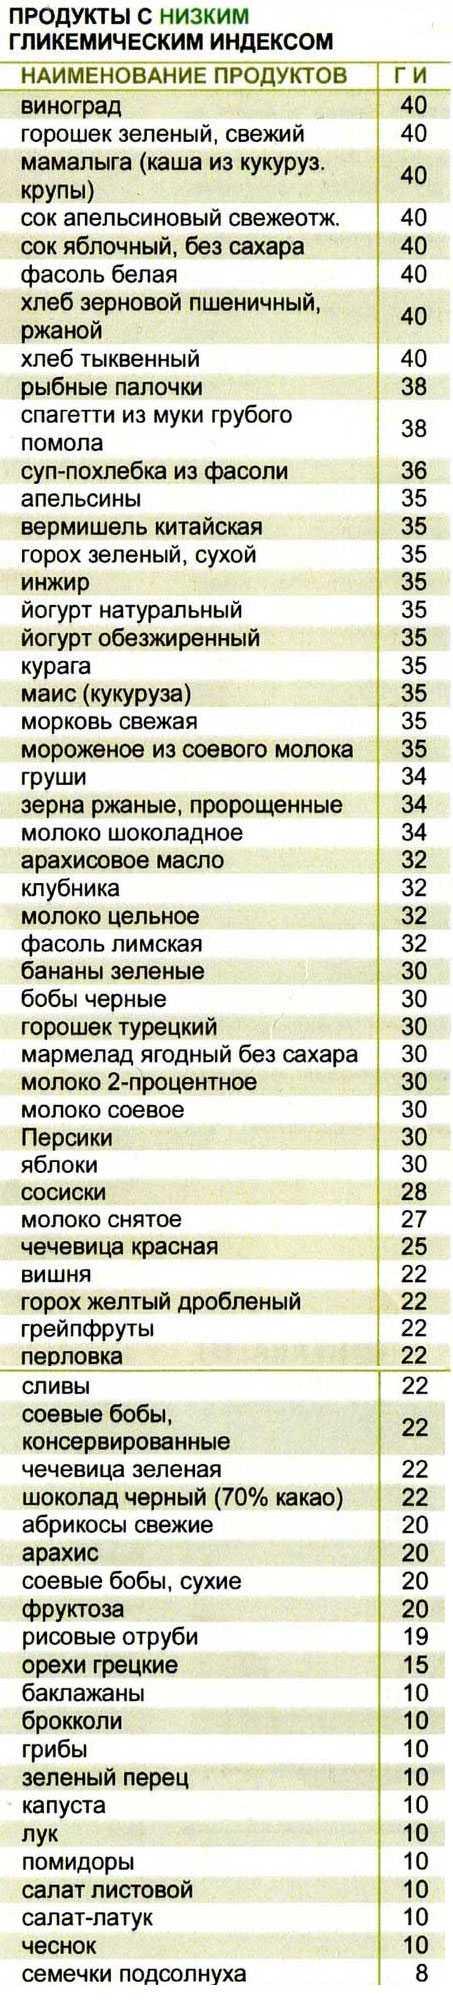 Таблица 3: продукты с низким гликемическим индексом